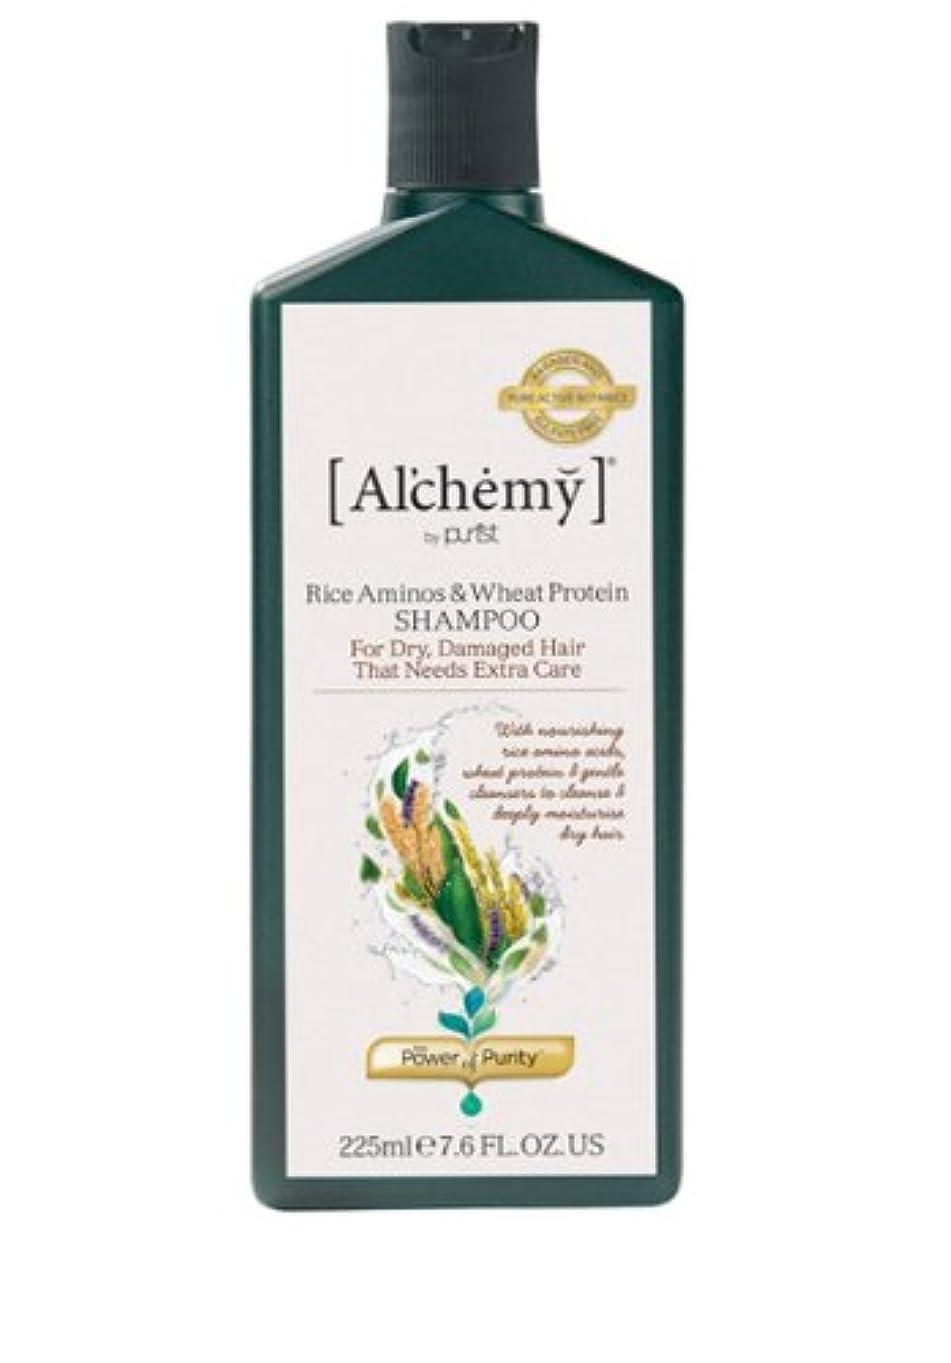 アスペクトキラウエア山市の花【Al'chemy(alchemy)】アルケミー ライス アミノス モイスチャーシャンプー(Rice Aminos-Intensive Moisture Shampoo)(ドライ髪用)225ml